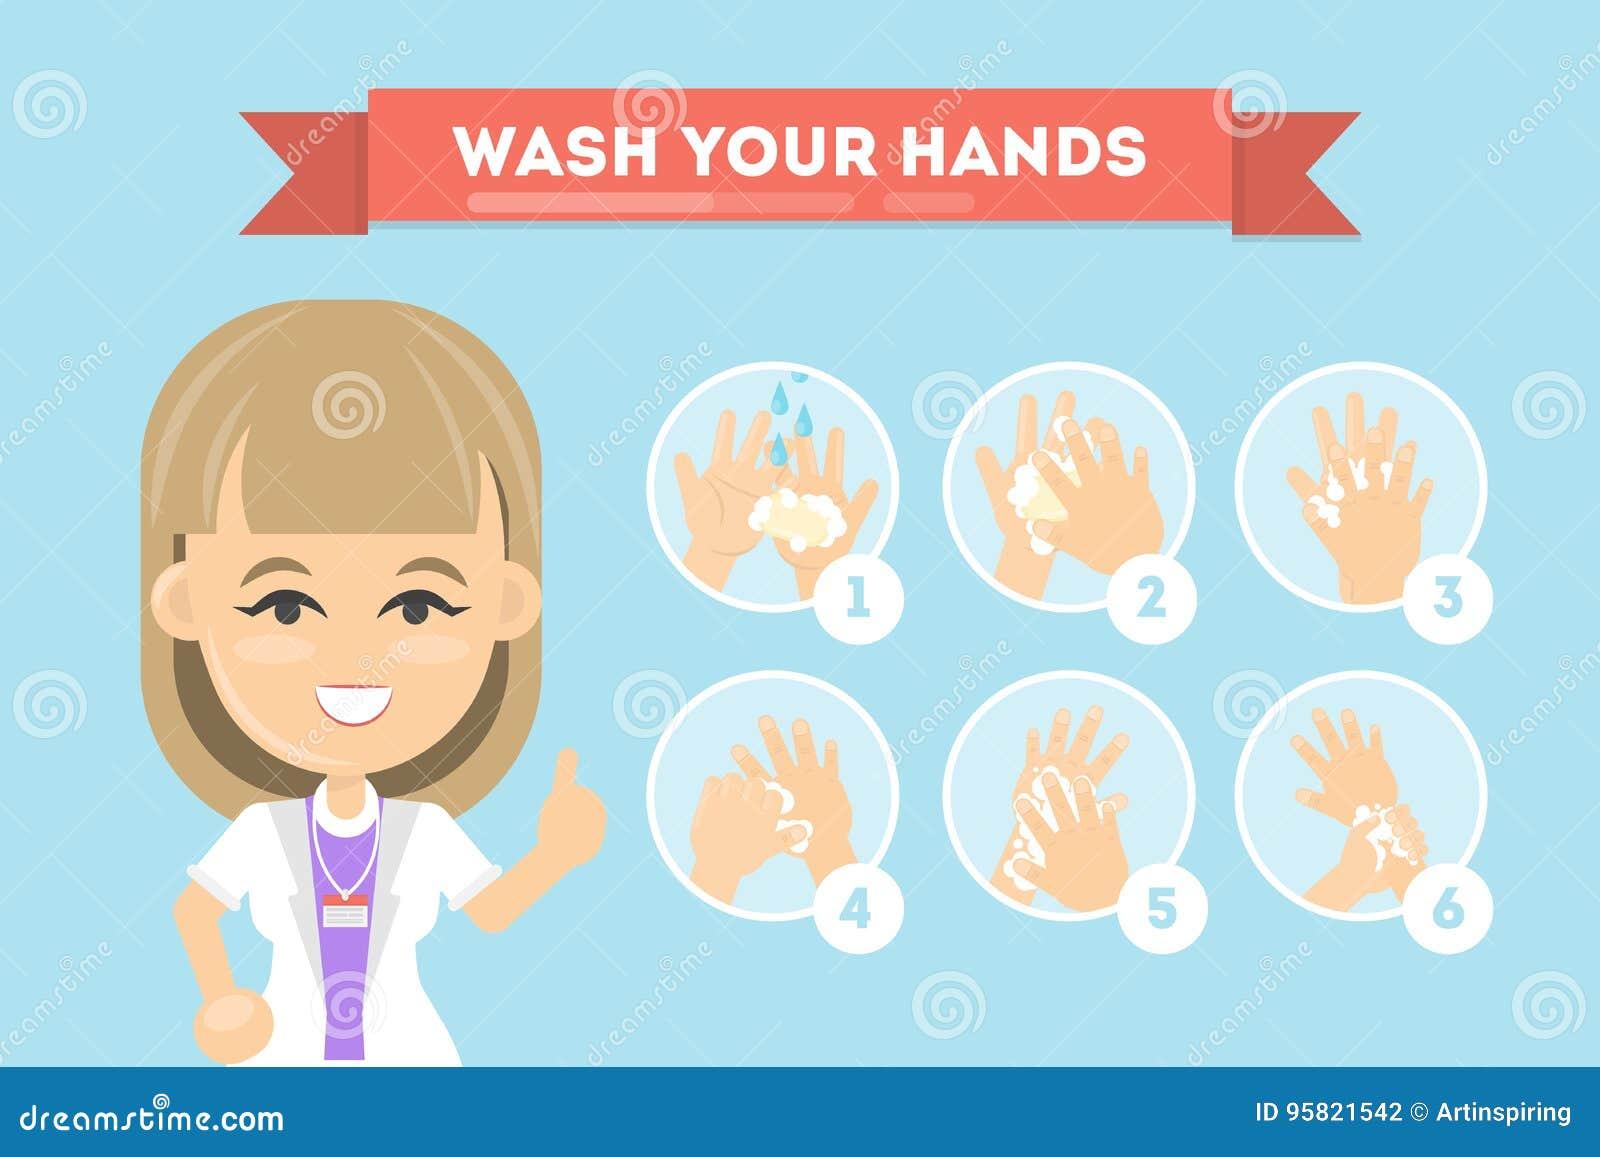 Was uw handen